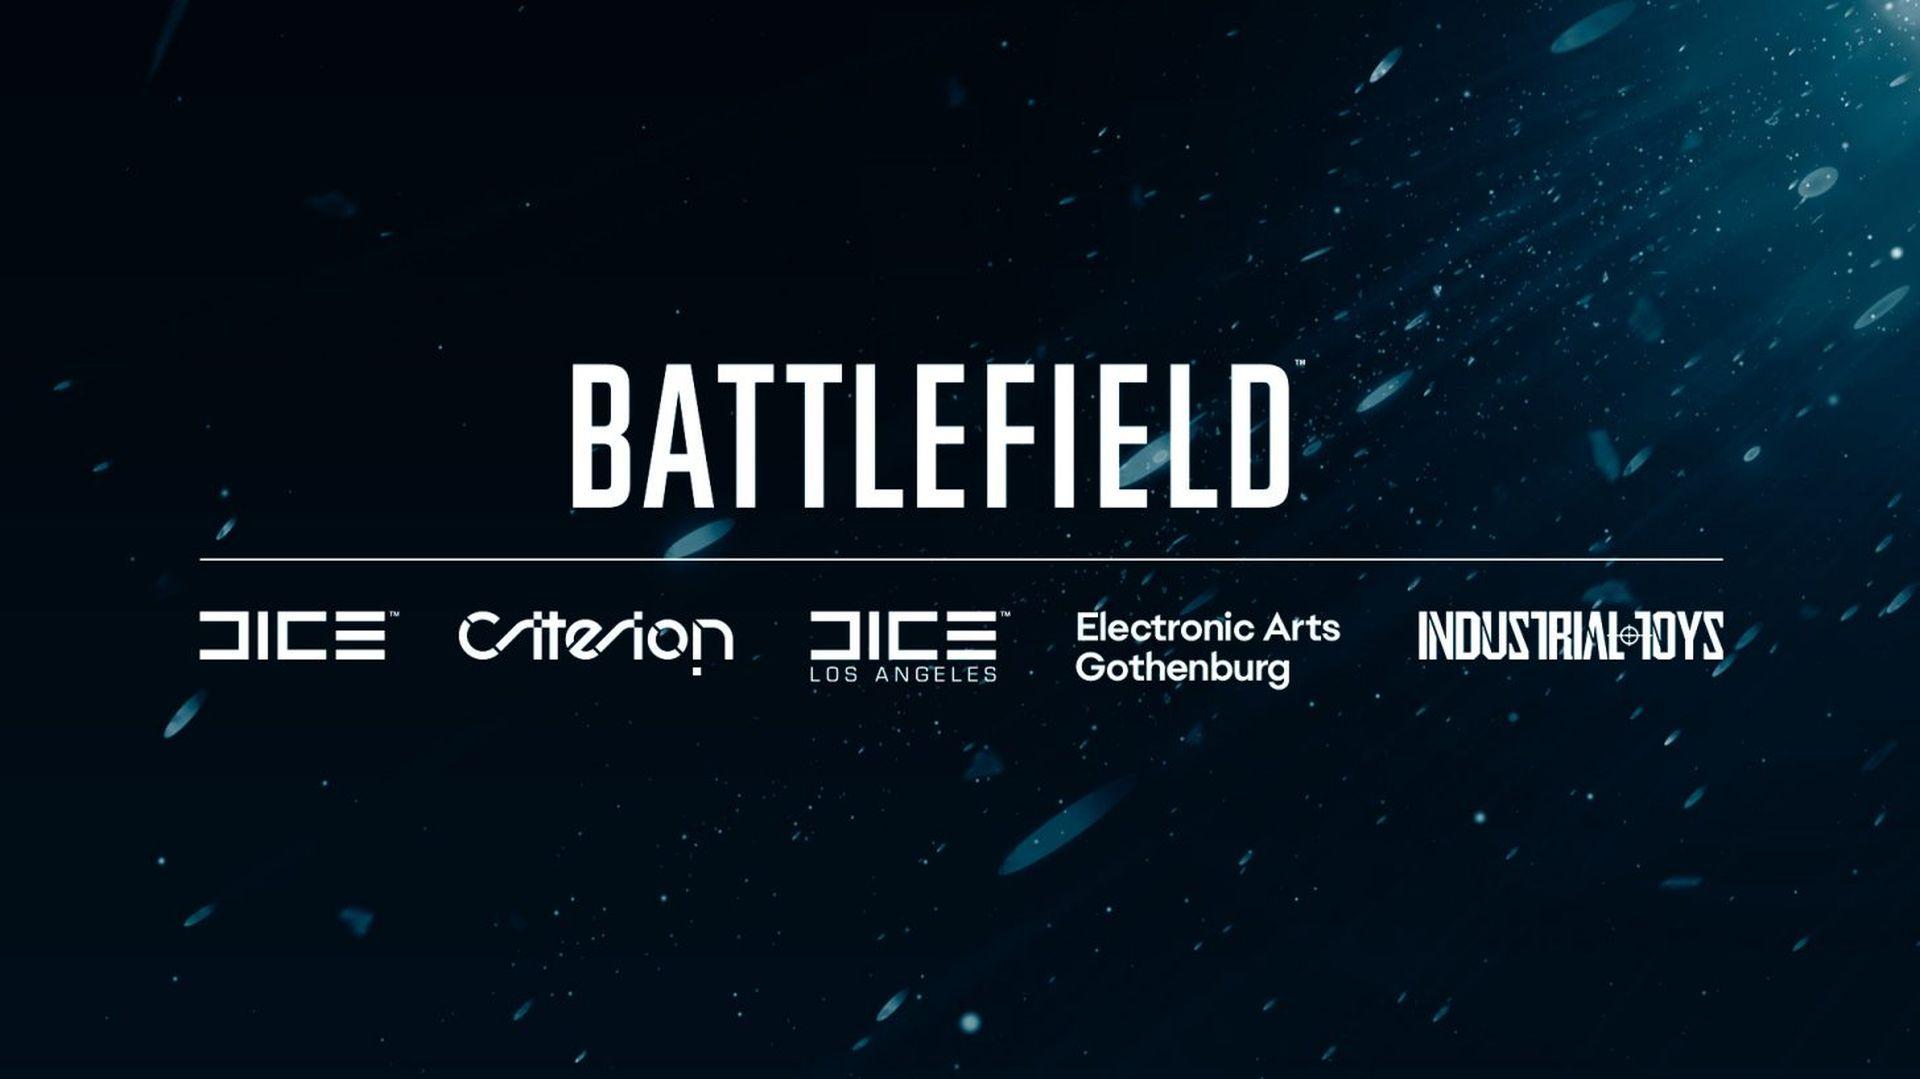 اولین اطلاعات از بازی Battlefield 2042 منتشر شد!